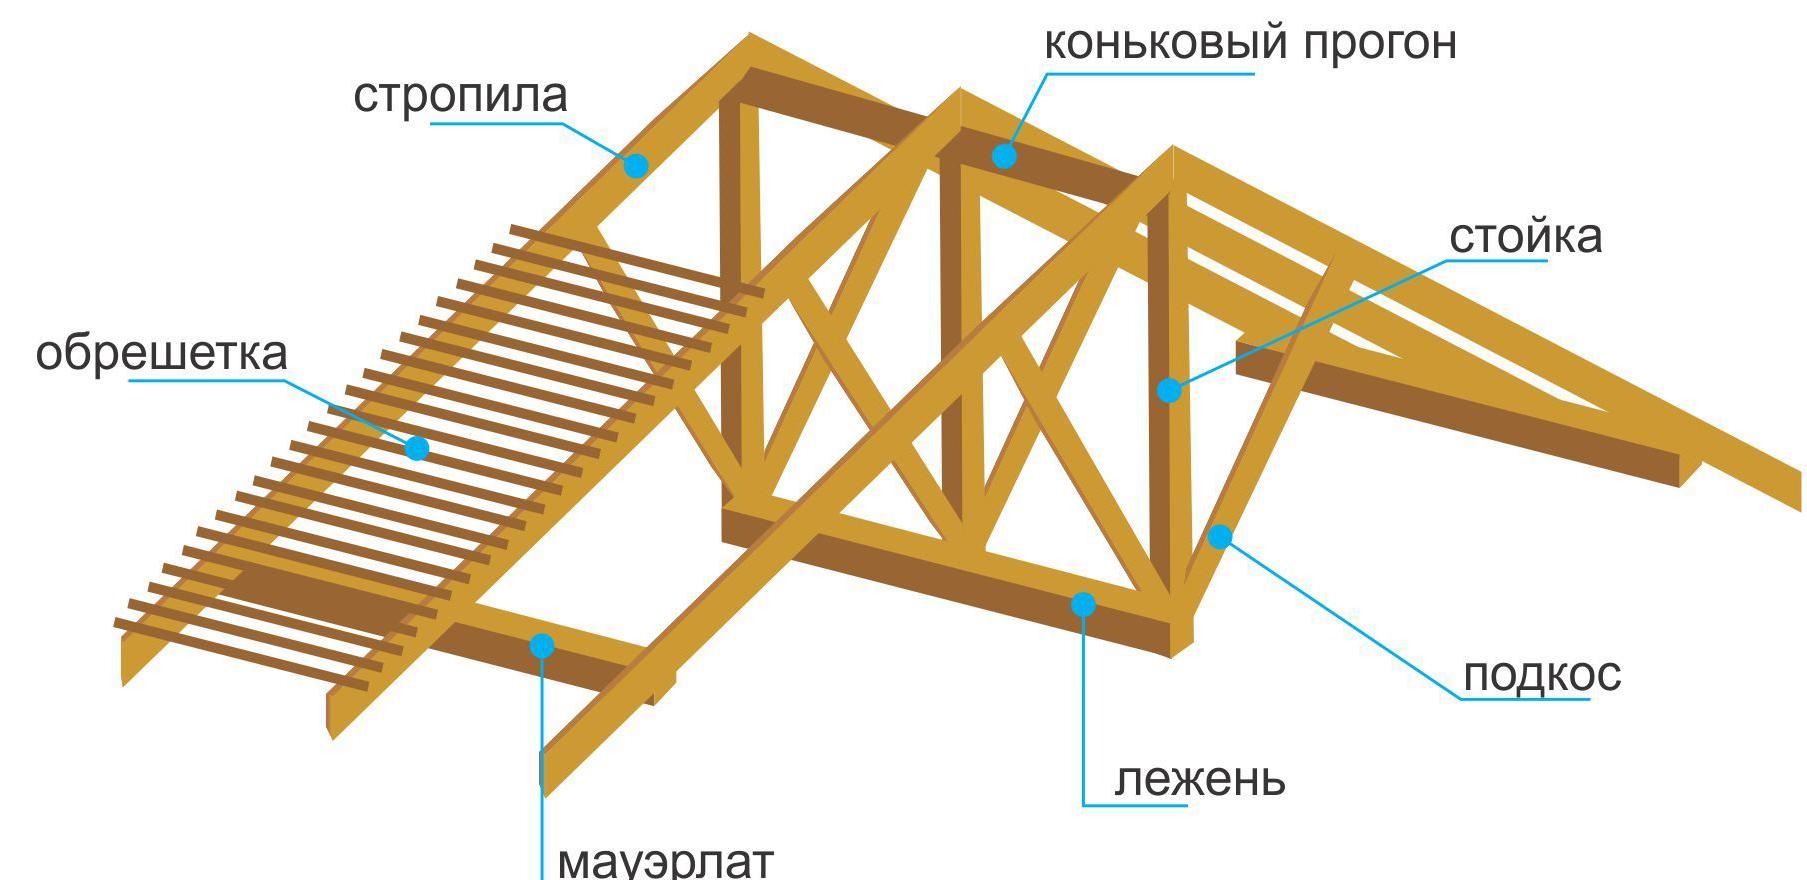 Двухскатная крыша на гараж: обзор конструкции монтажные инструкции 10